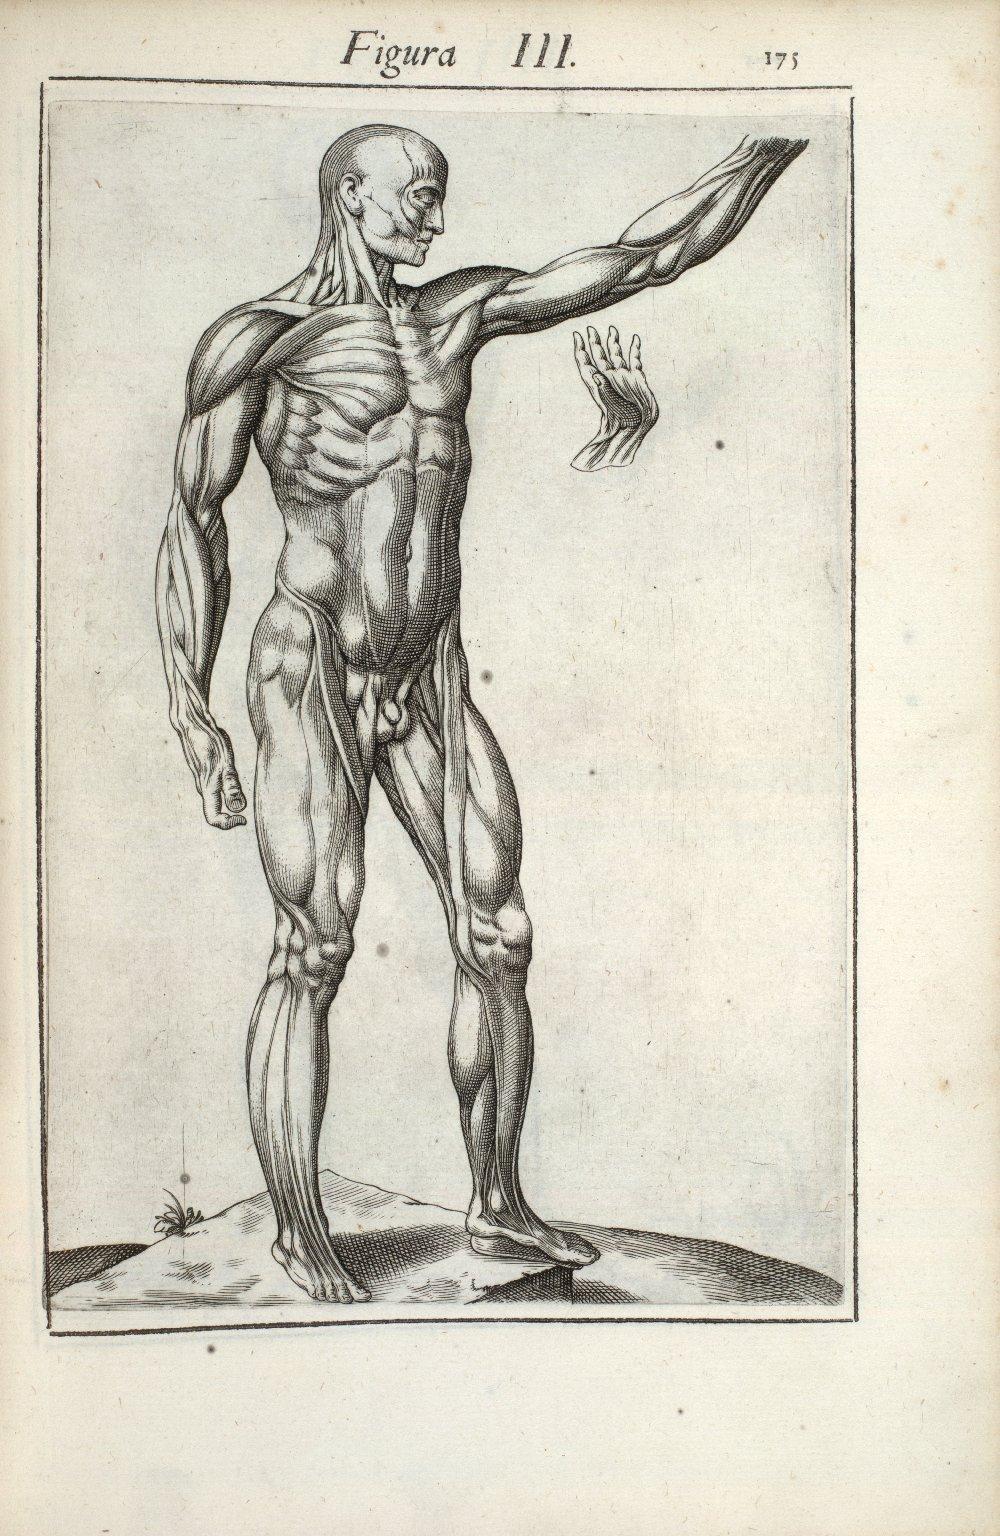 Figura III